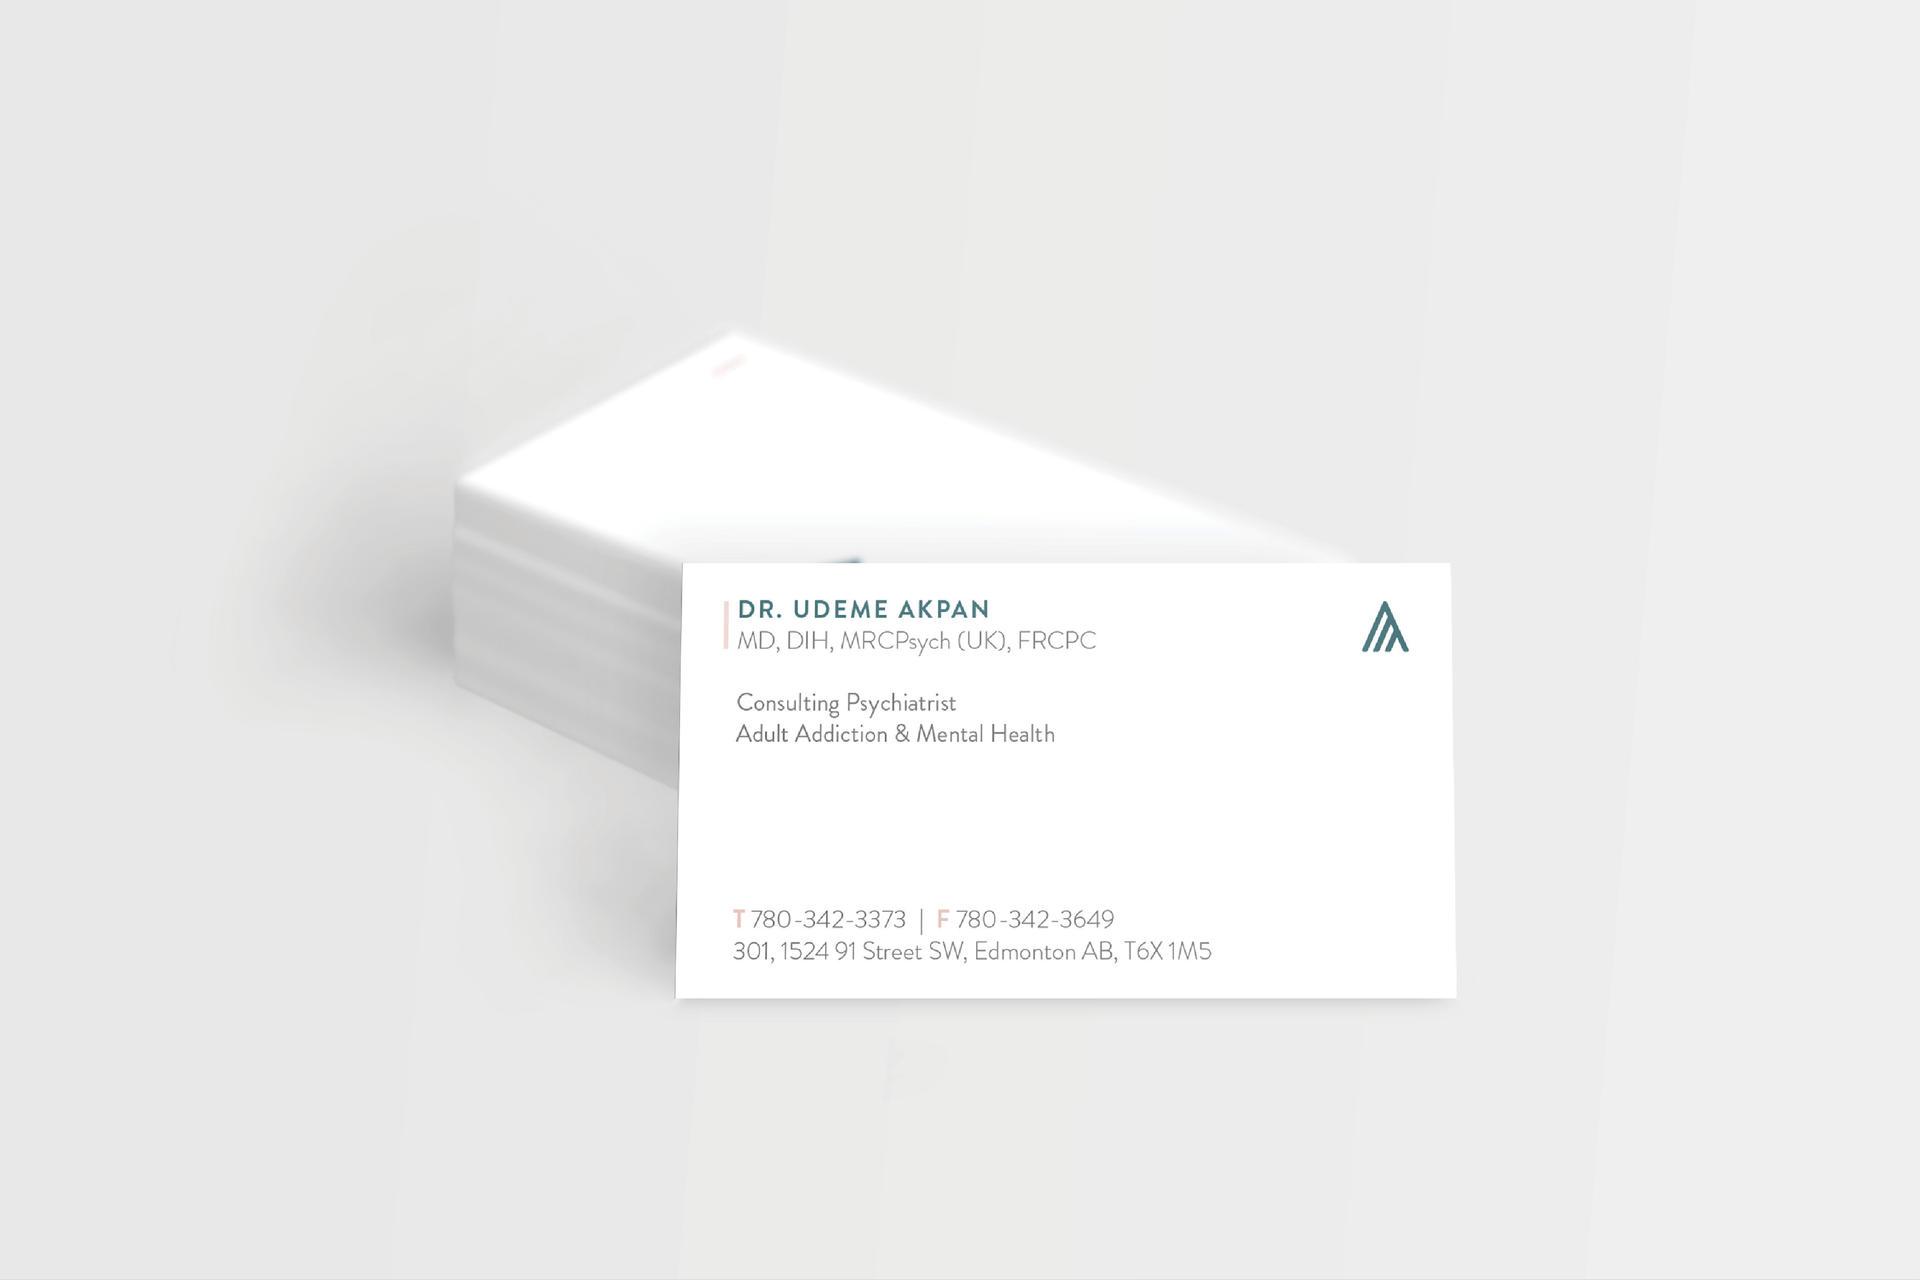 Acorvia Health Business Cards